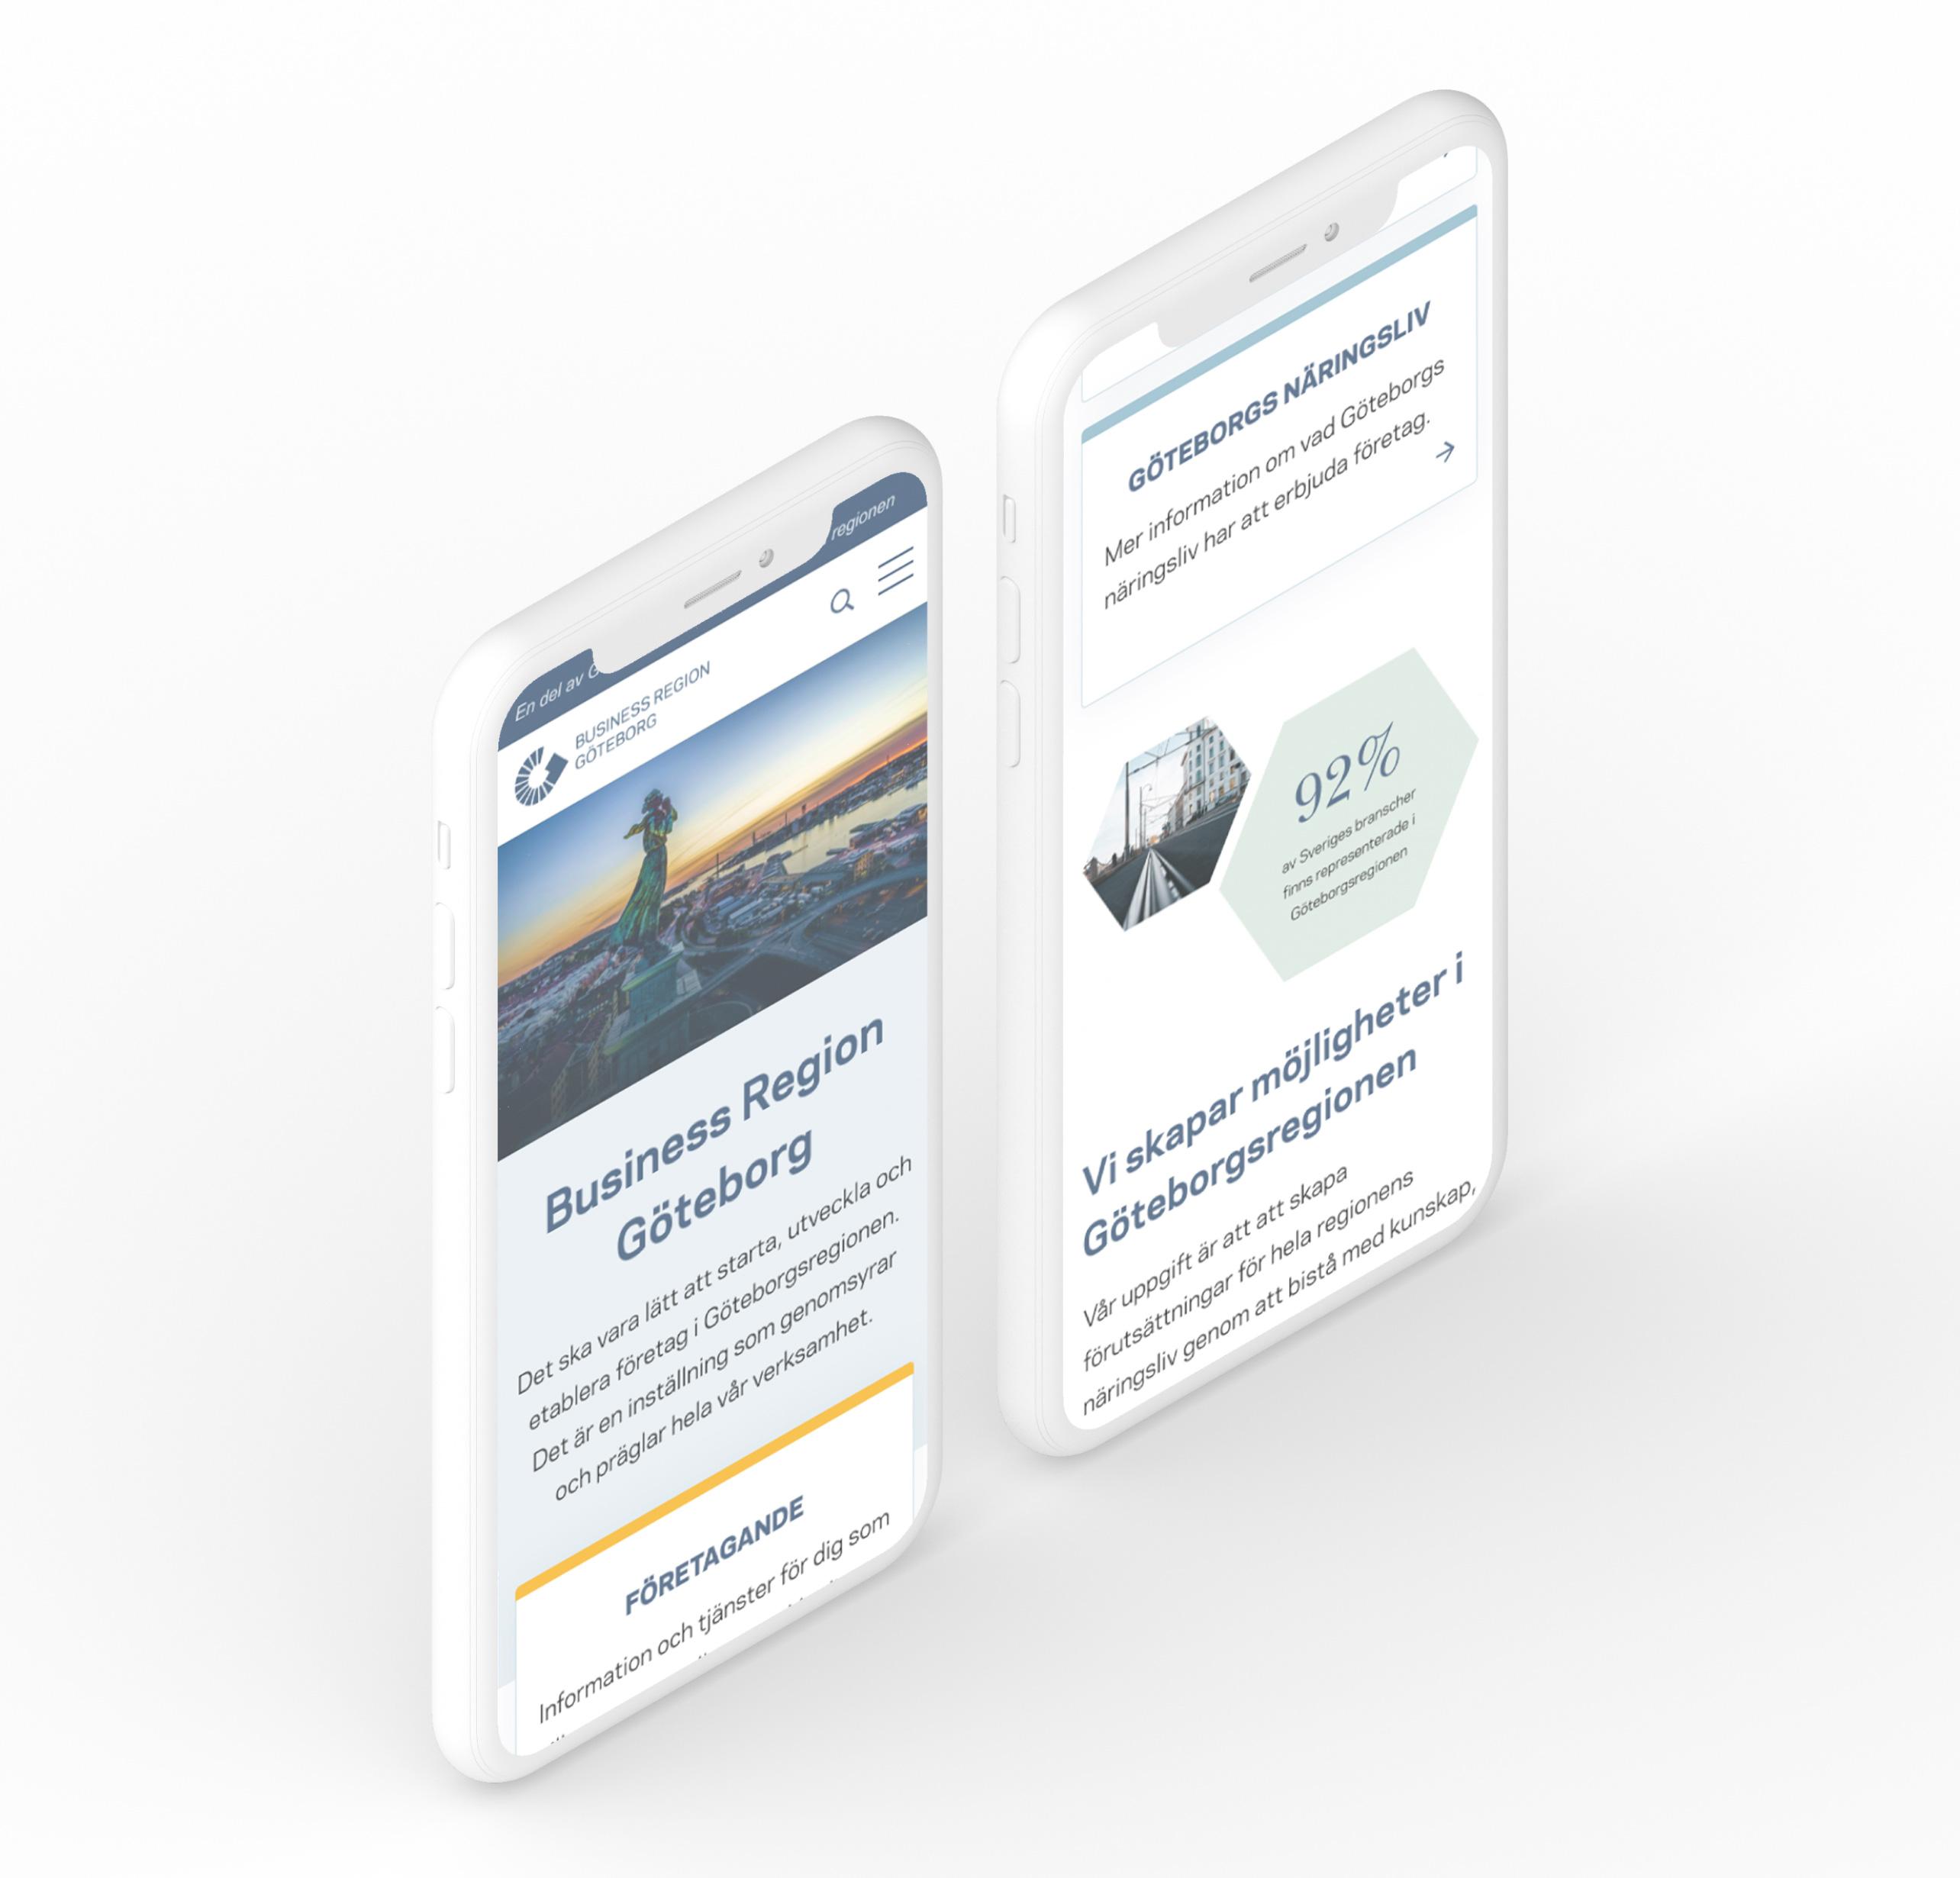 två stycken iphone som visar upp Business region Göteborgs nya hemsida från en mobil vy